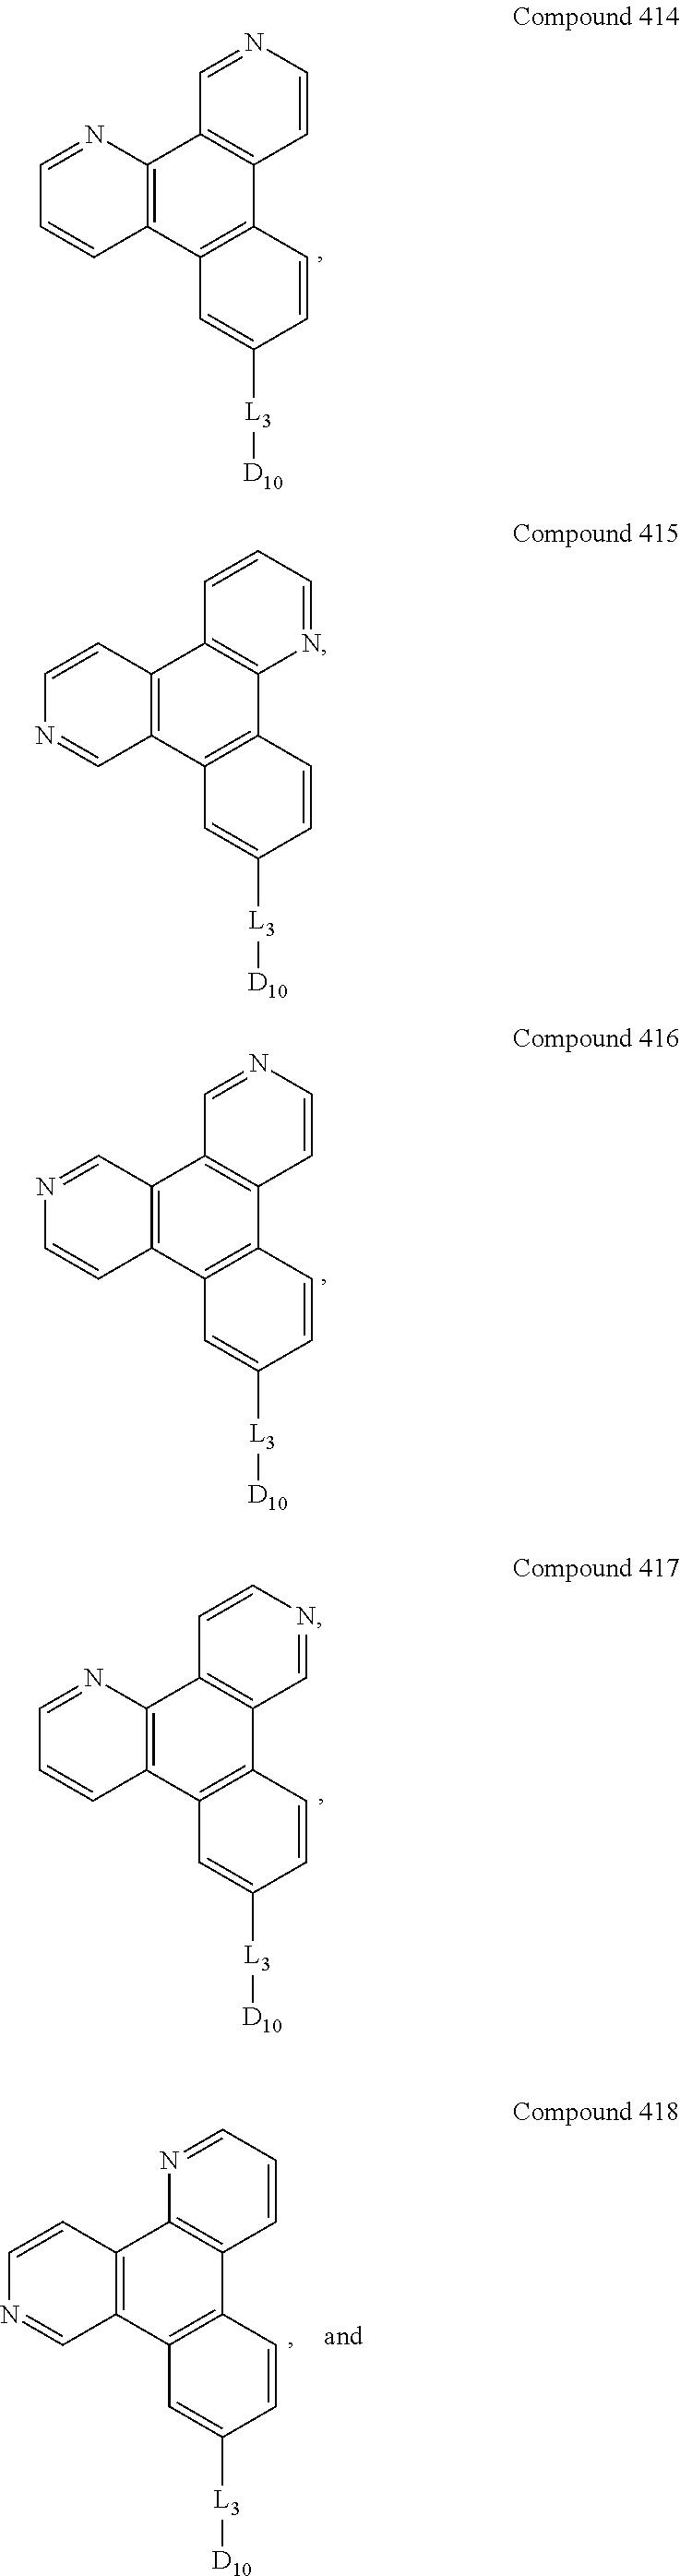 Figure US09537106-20170103-C00111